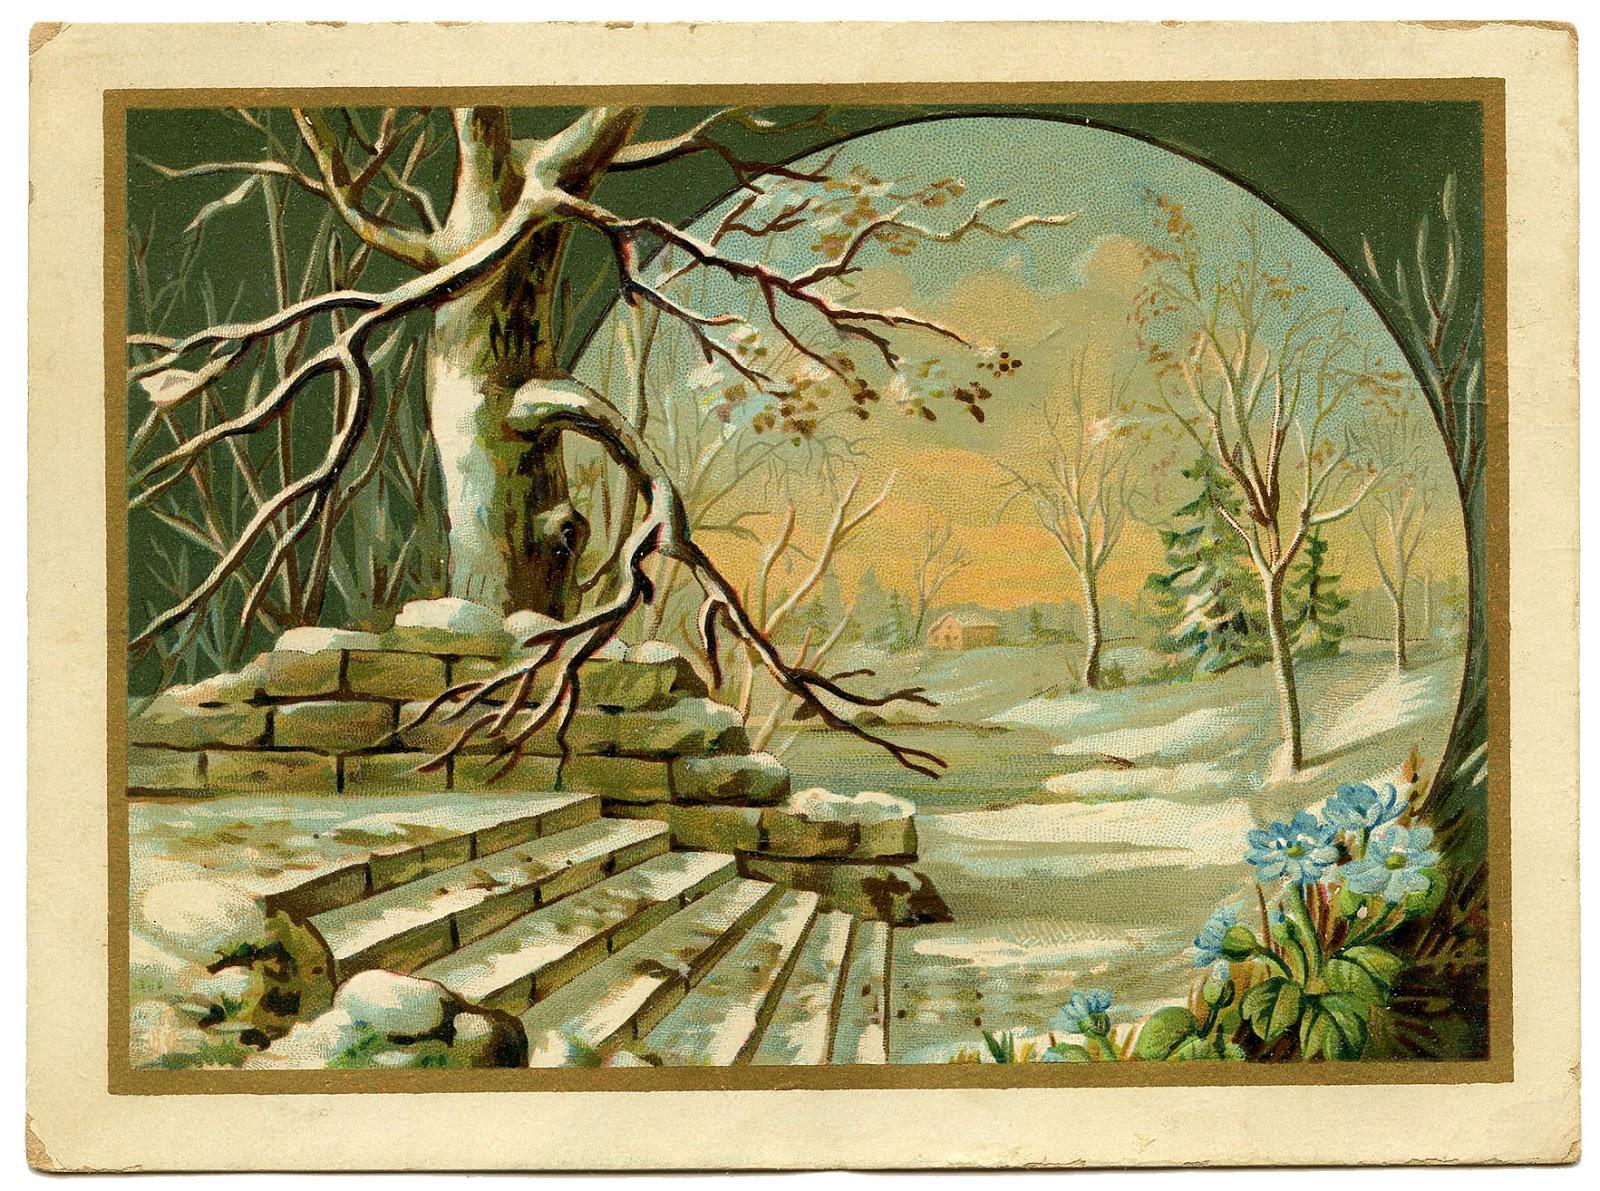 VÅRLIG: På dette gamle postkortet spretter de første blå blomstene opp allerede, så vi burde kanskje spart det til mars/april ... Men en vakker vinterscene, det er det!